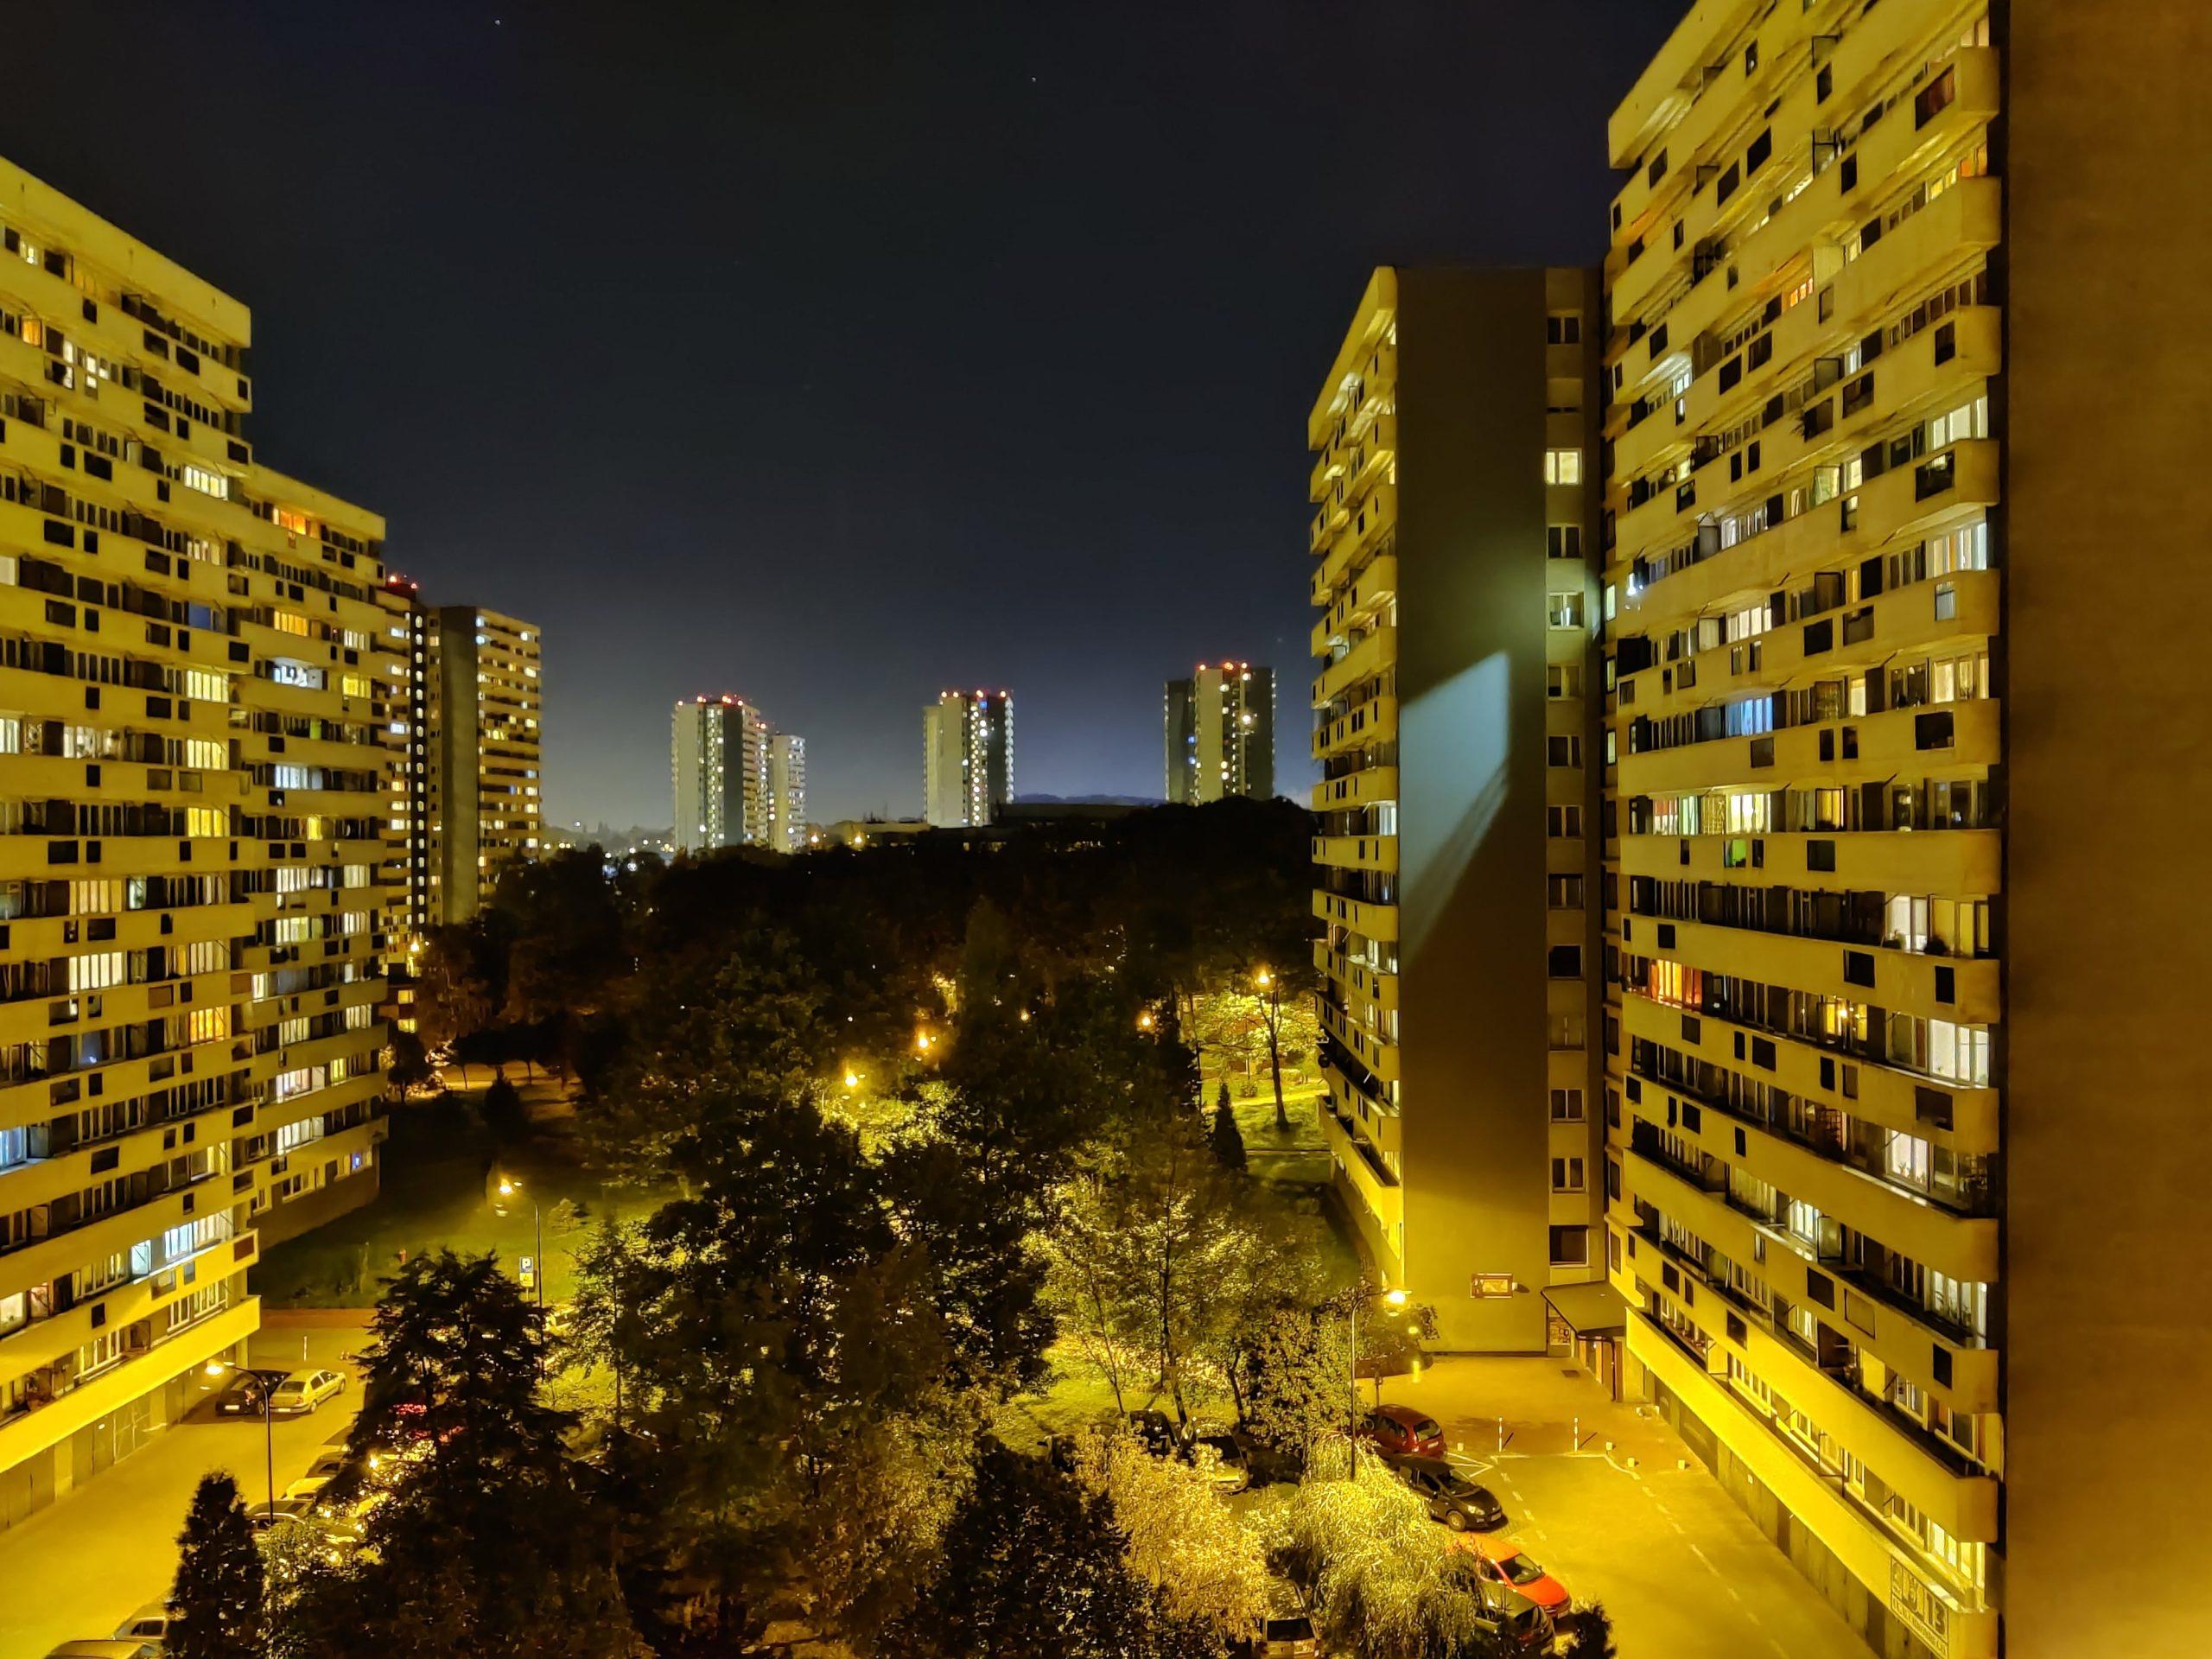 Zdjęcia nocne - OnePlus Nord